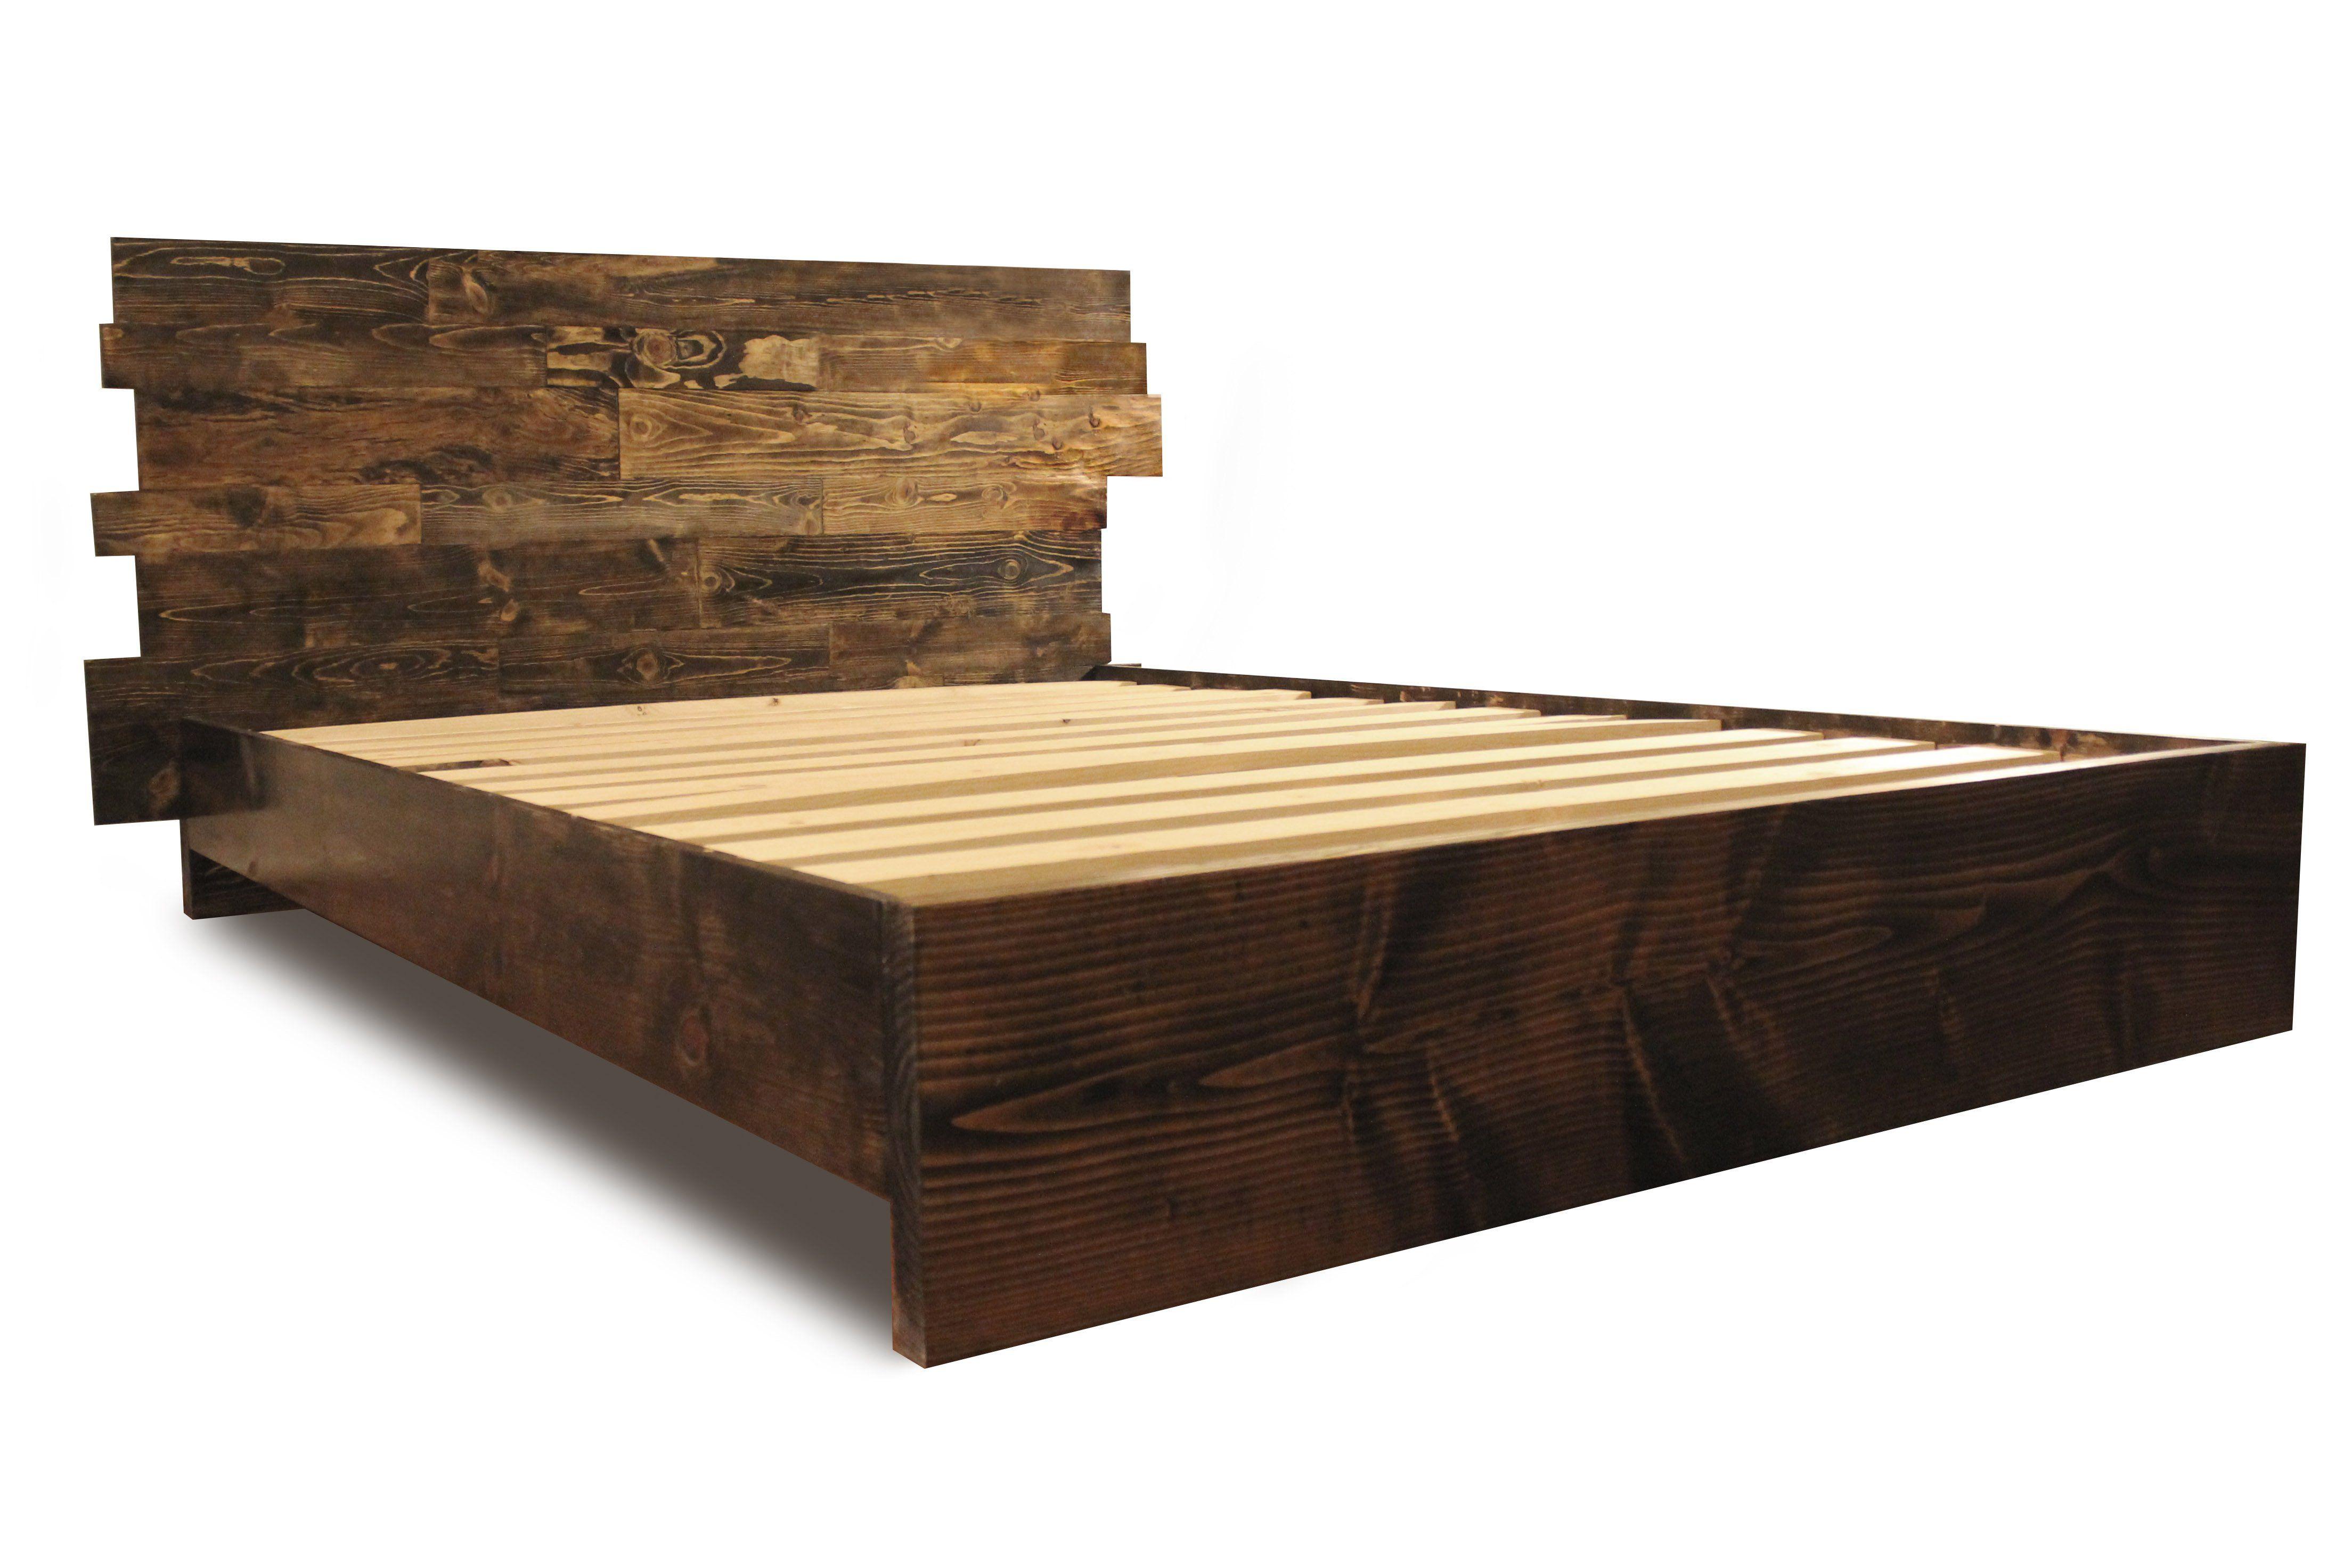 Prescott offset Bed frame, headboard, Wooden platform